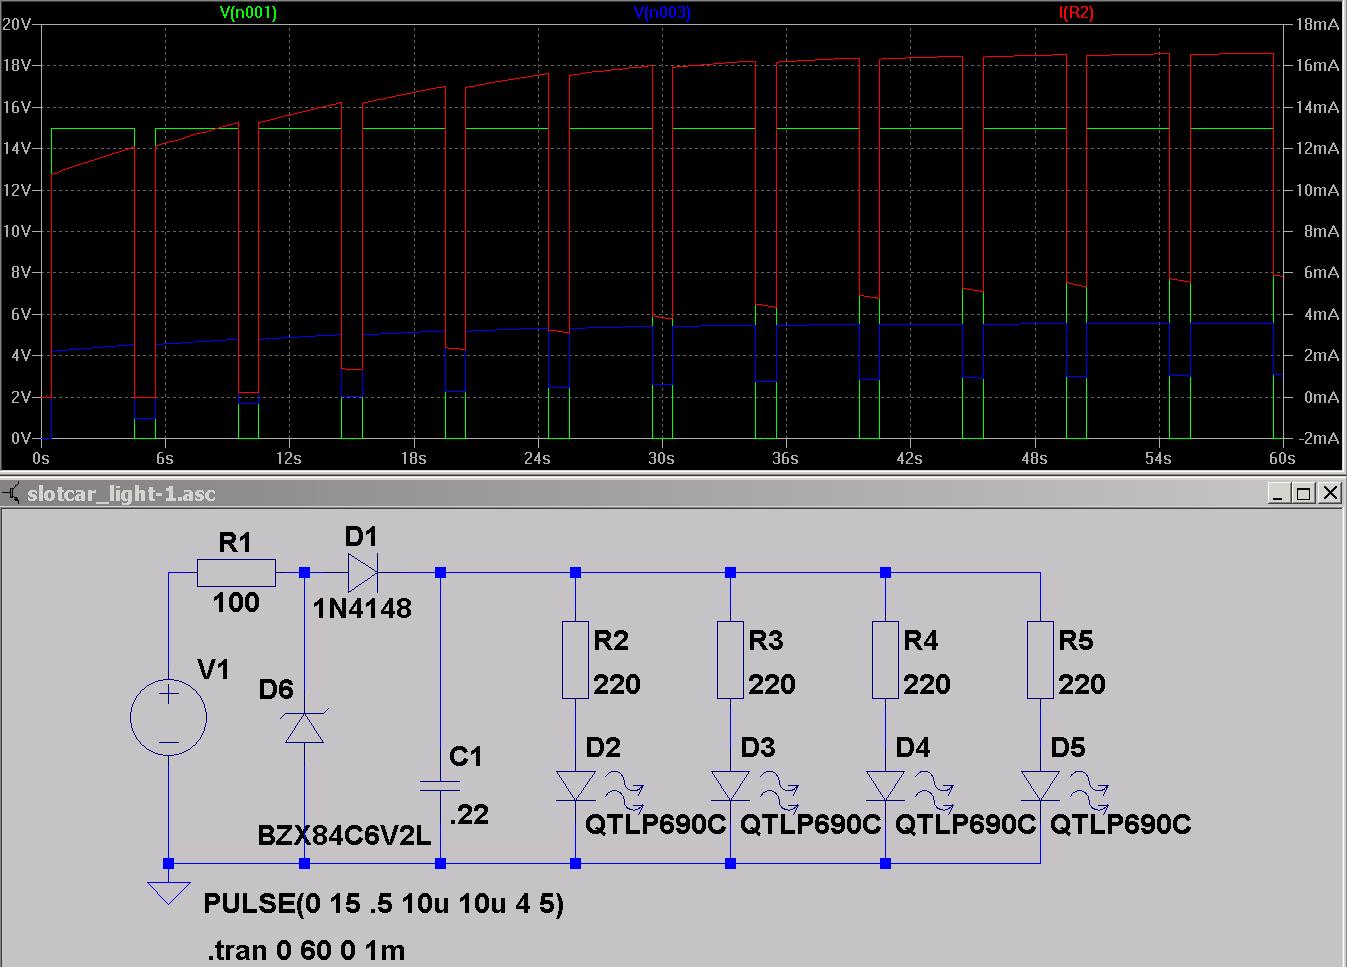 Beleuchtung Slotcar - Mikrocontroller.net